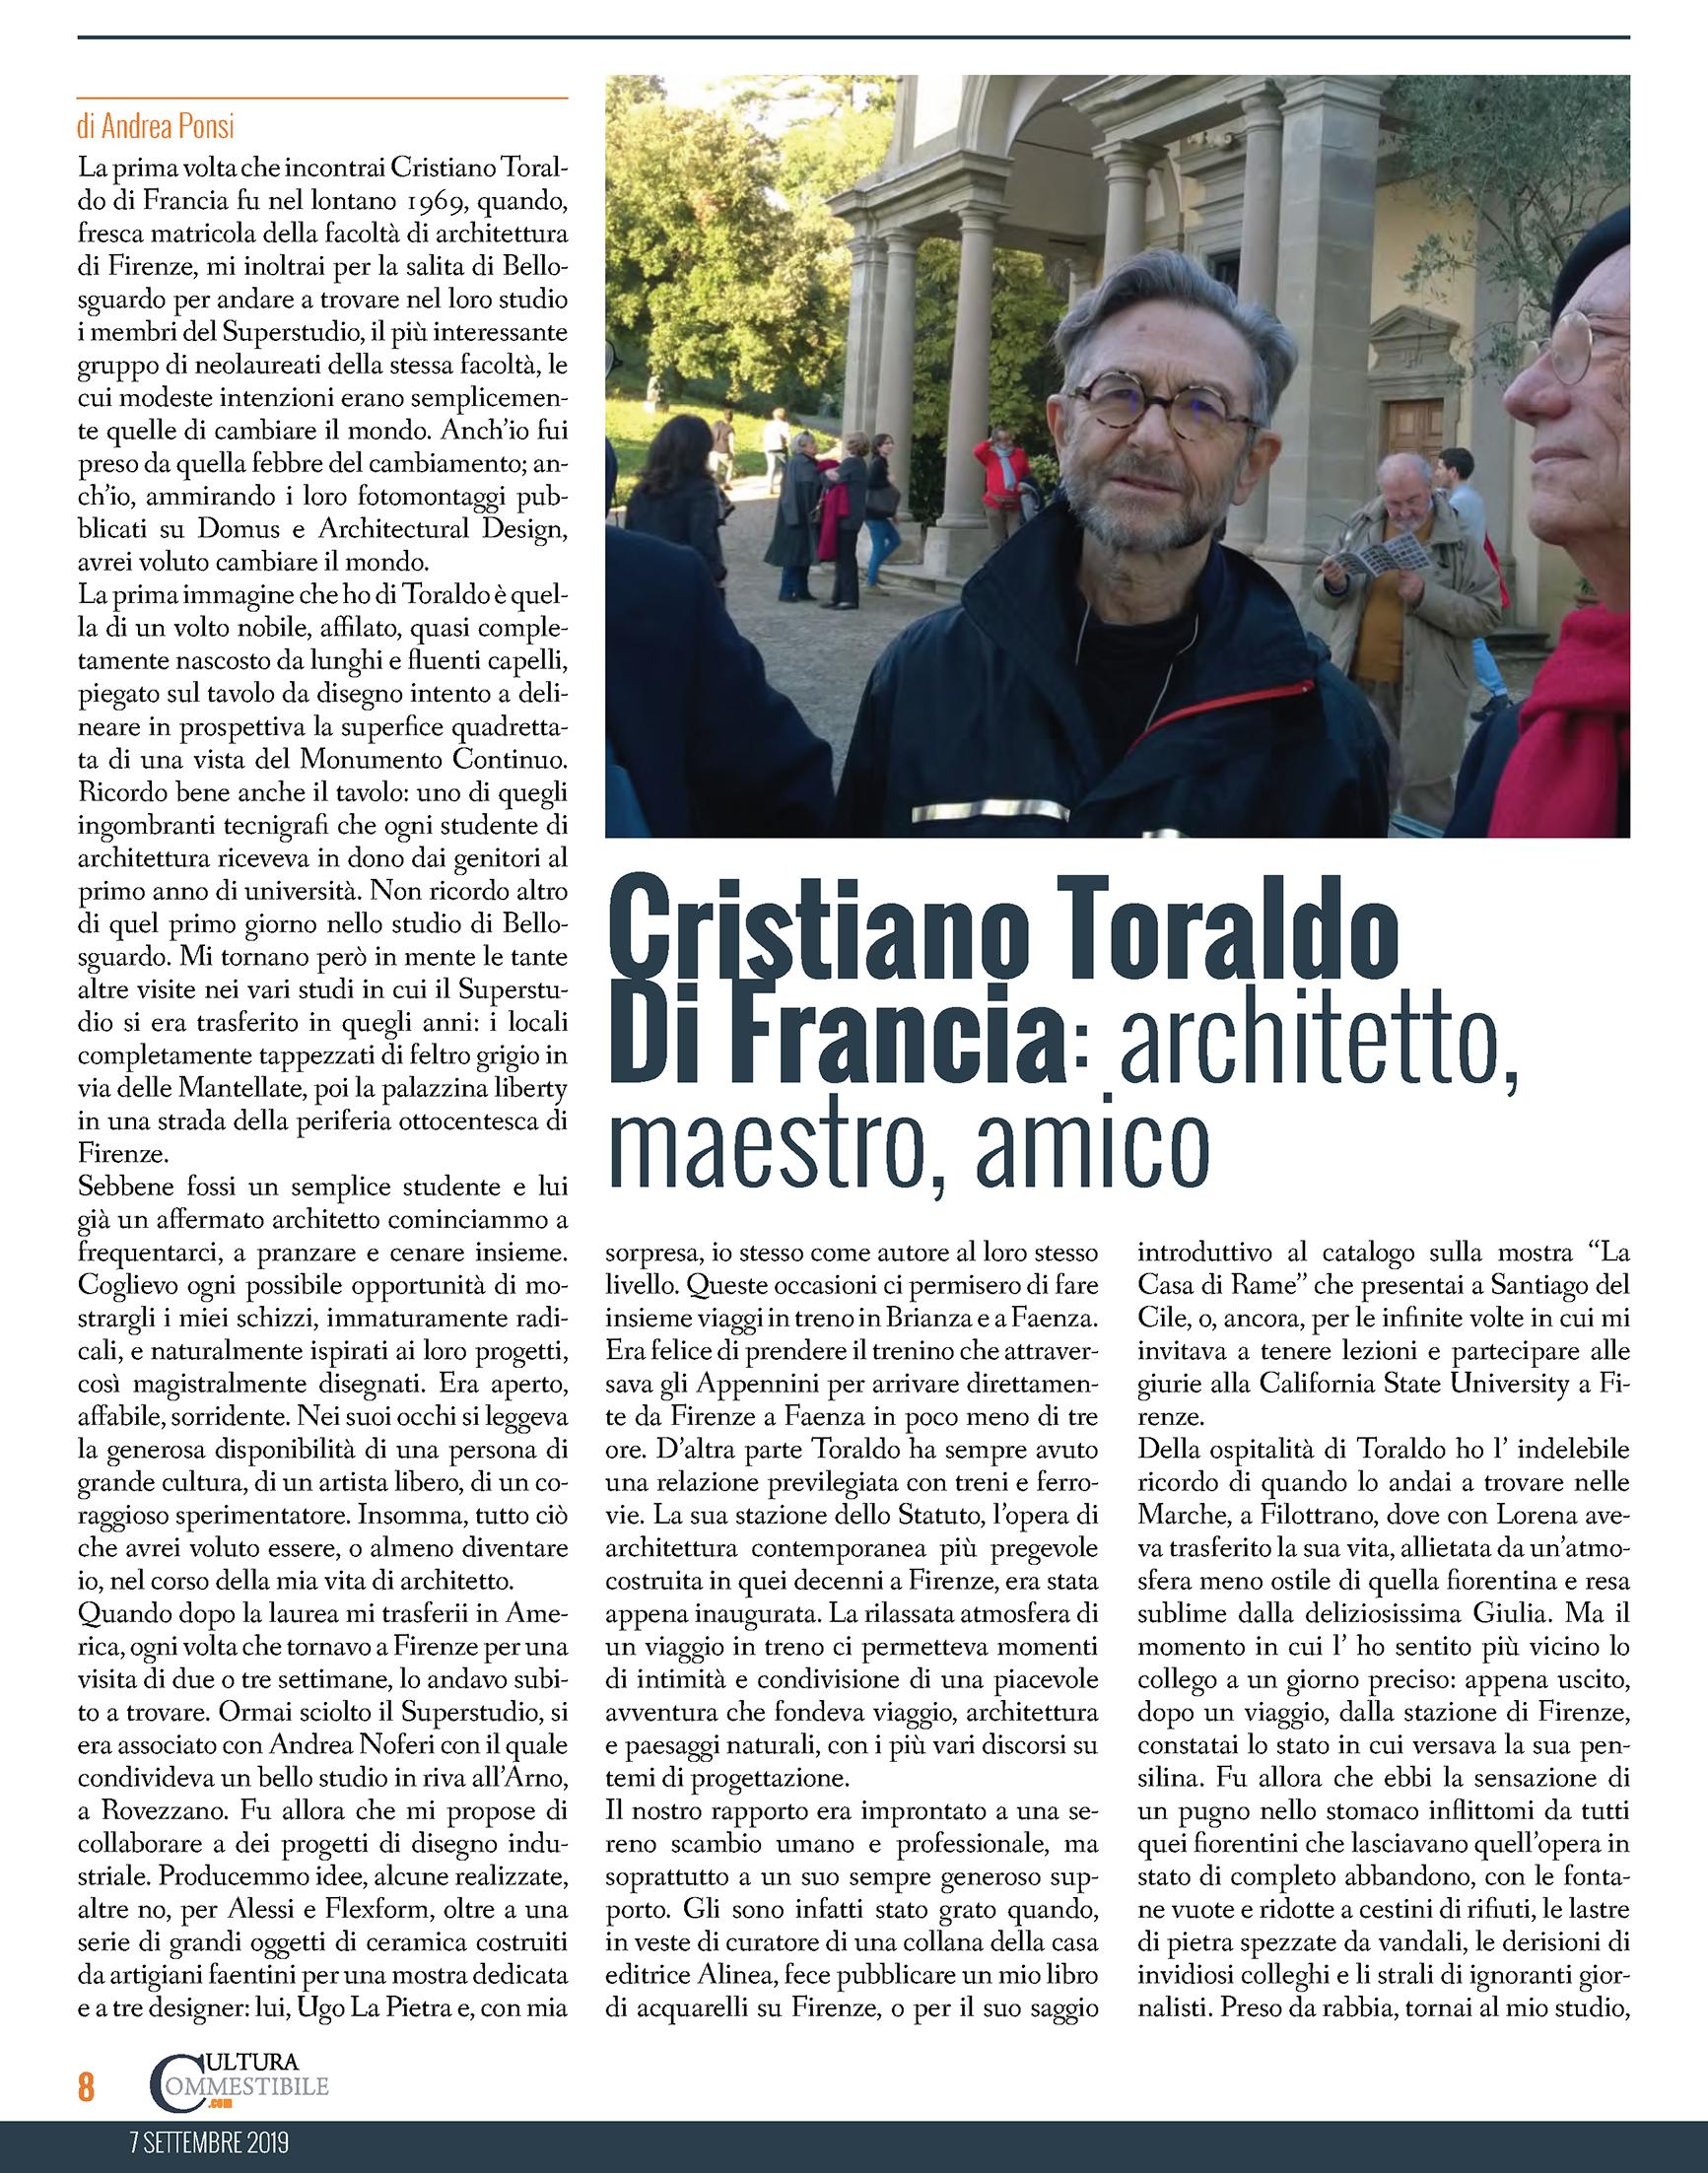 Cultura-Commestibile-320_Cristiano Toraldo Di Francia- architetto,maestro, amico_Pagina_1